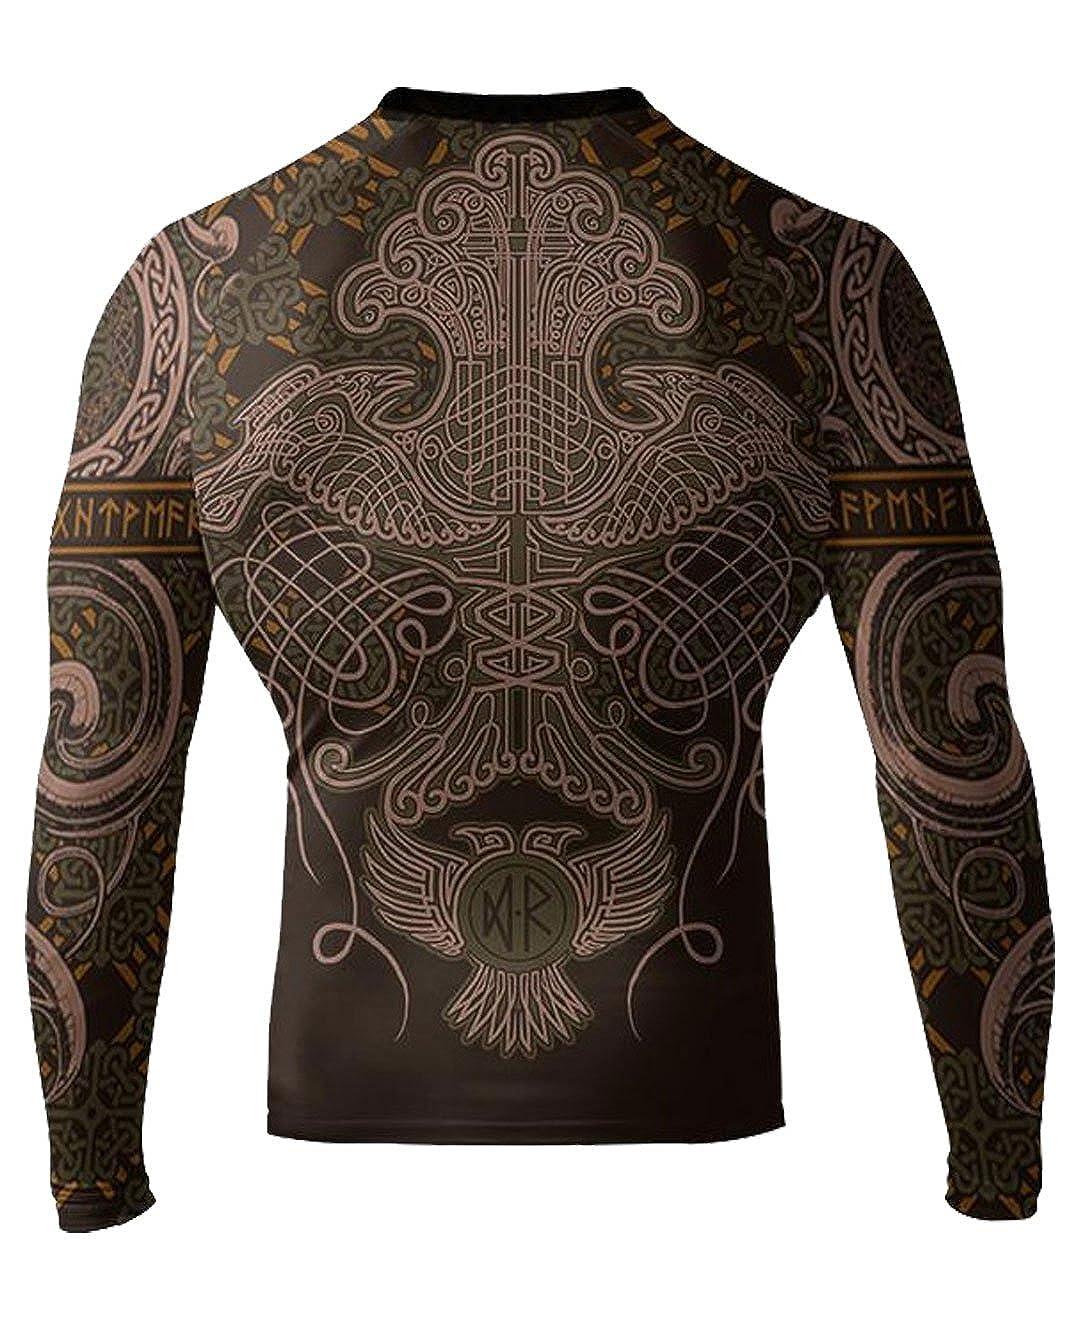 Steampunk Men's Shirts Raven Fightwear Mens Nordic IBJJF Approved Rash Guard $55.99 AT vintagedancer.com